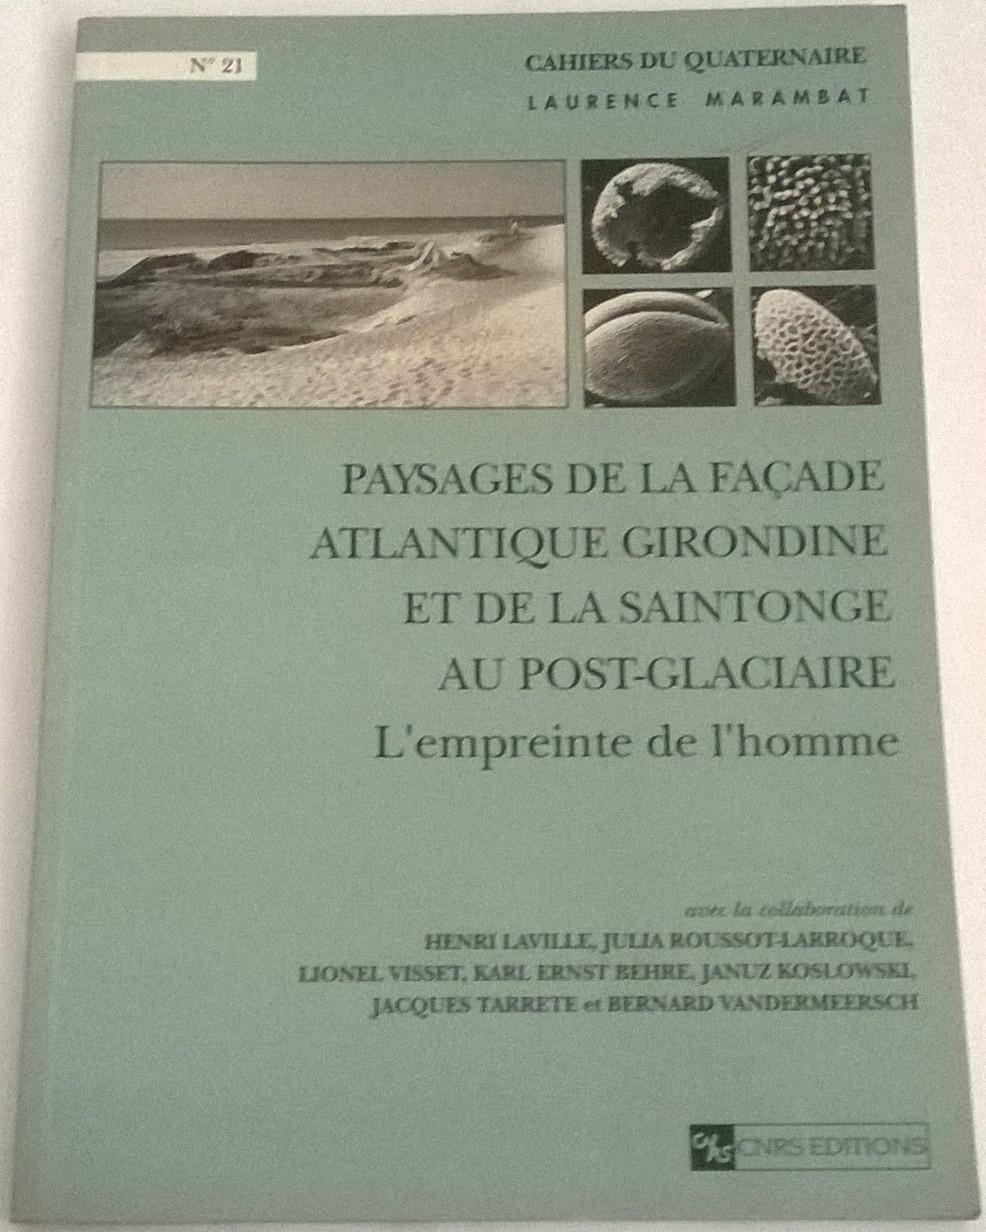 Paysages de la Facade Atlantique Girondine et de la Saintonge au Post-Glaciaire :L'empriente de l'homme, Marambat, Laurence ;